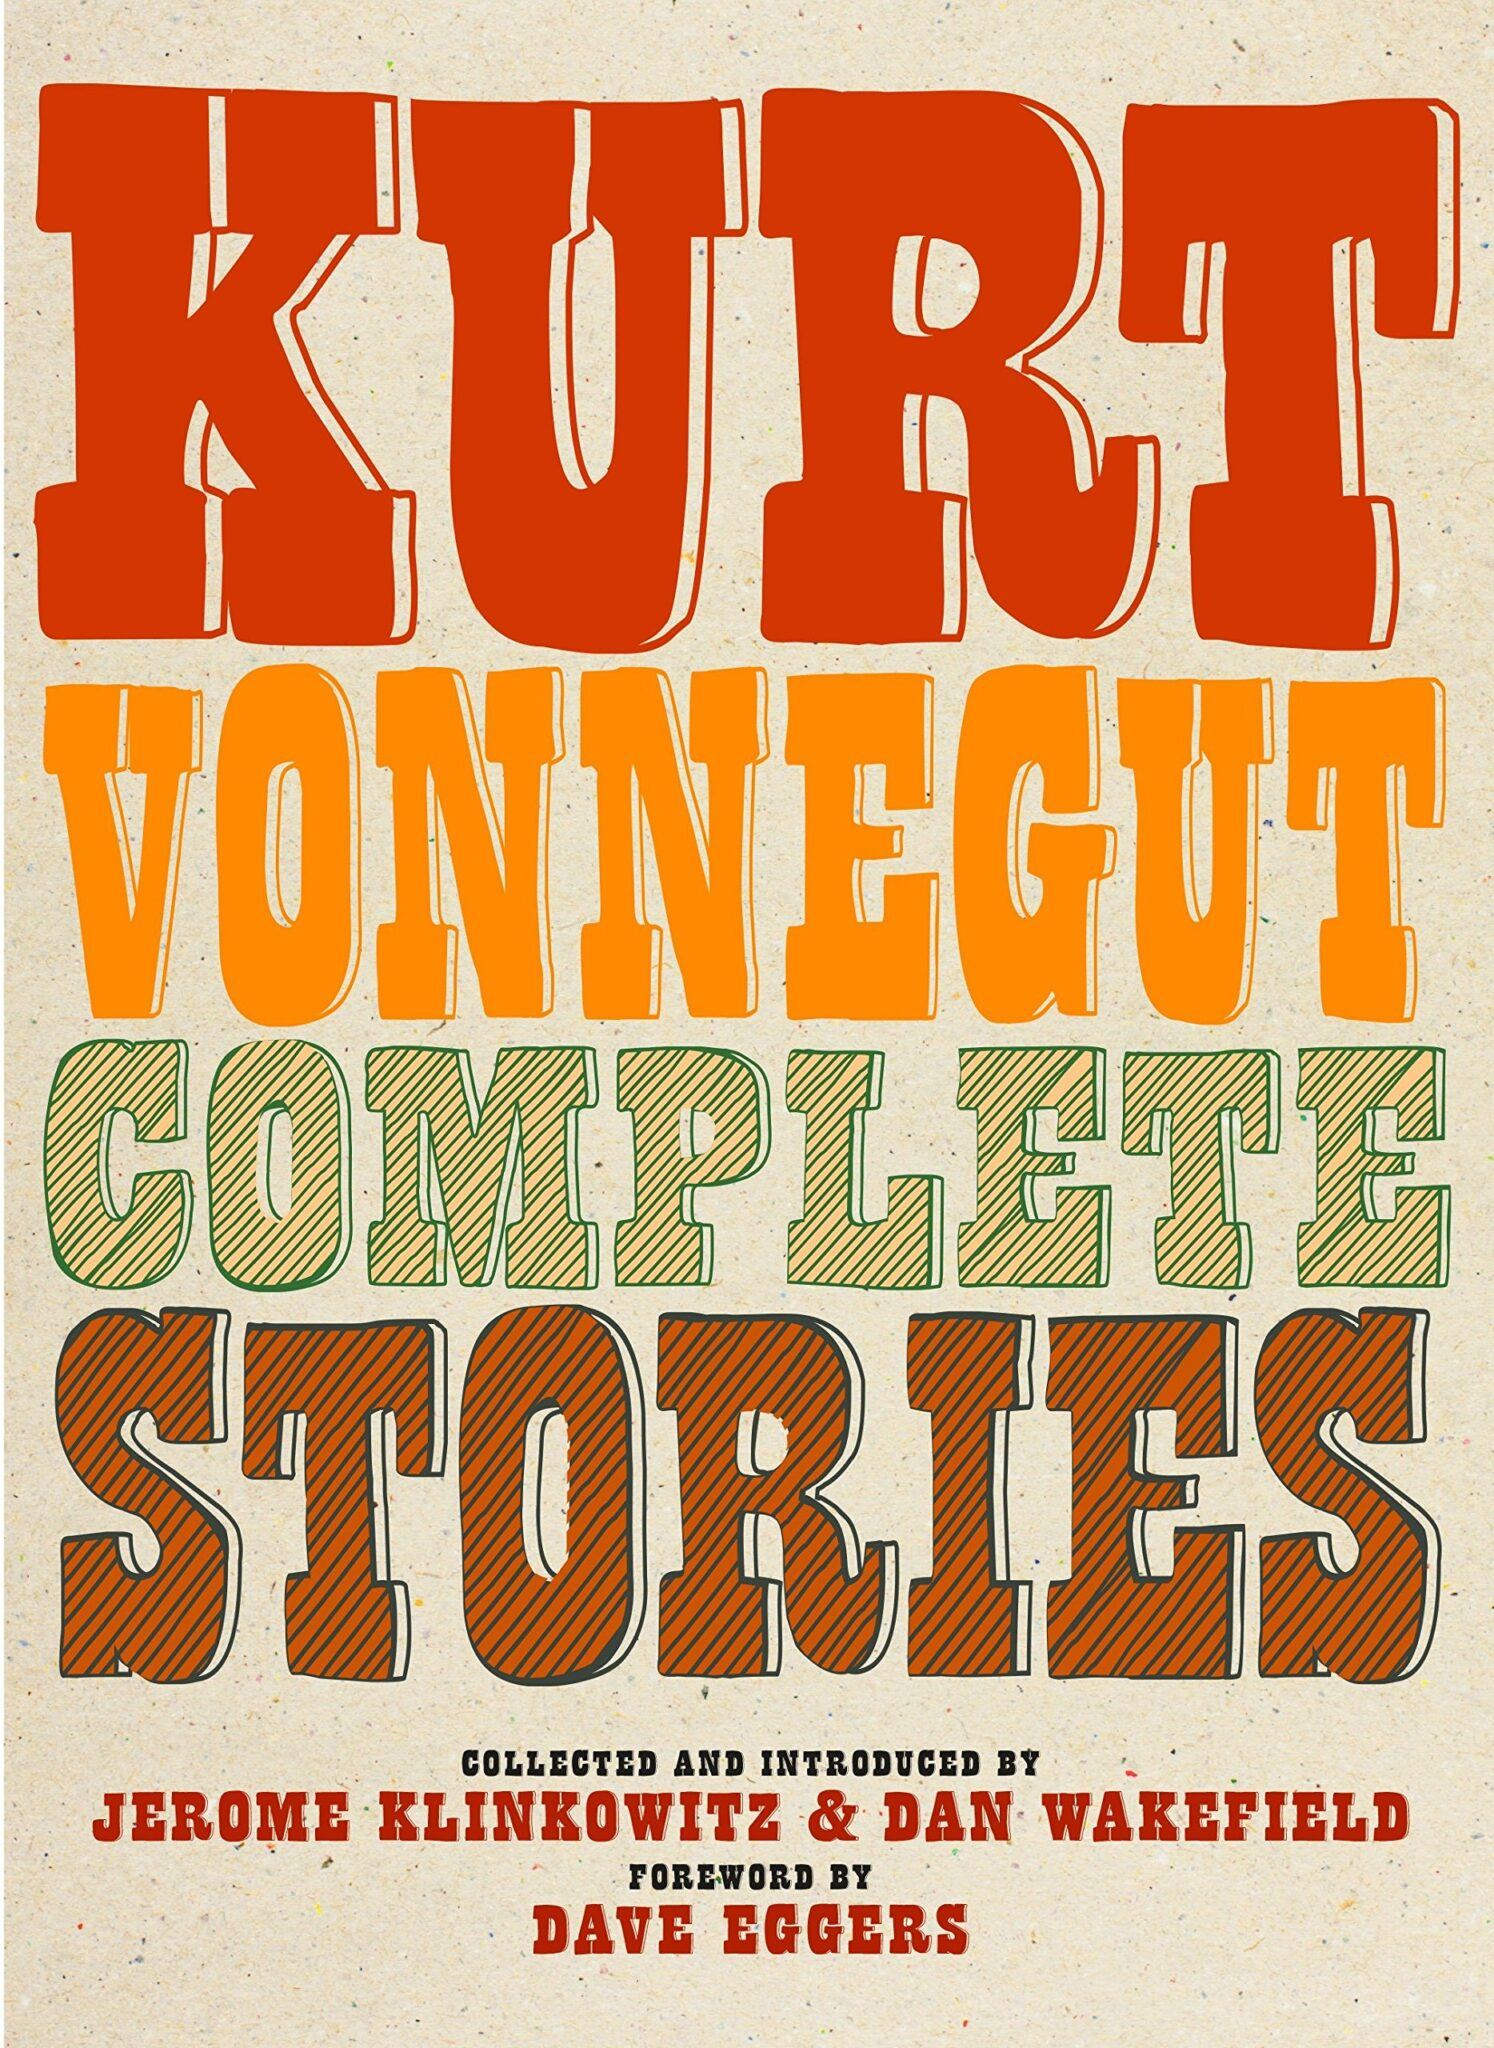 Vonnegut-41-scaled